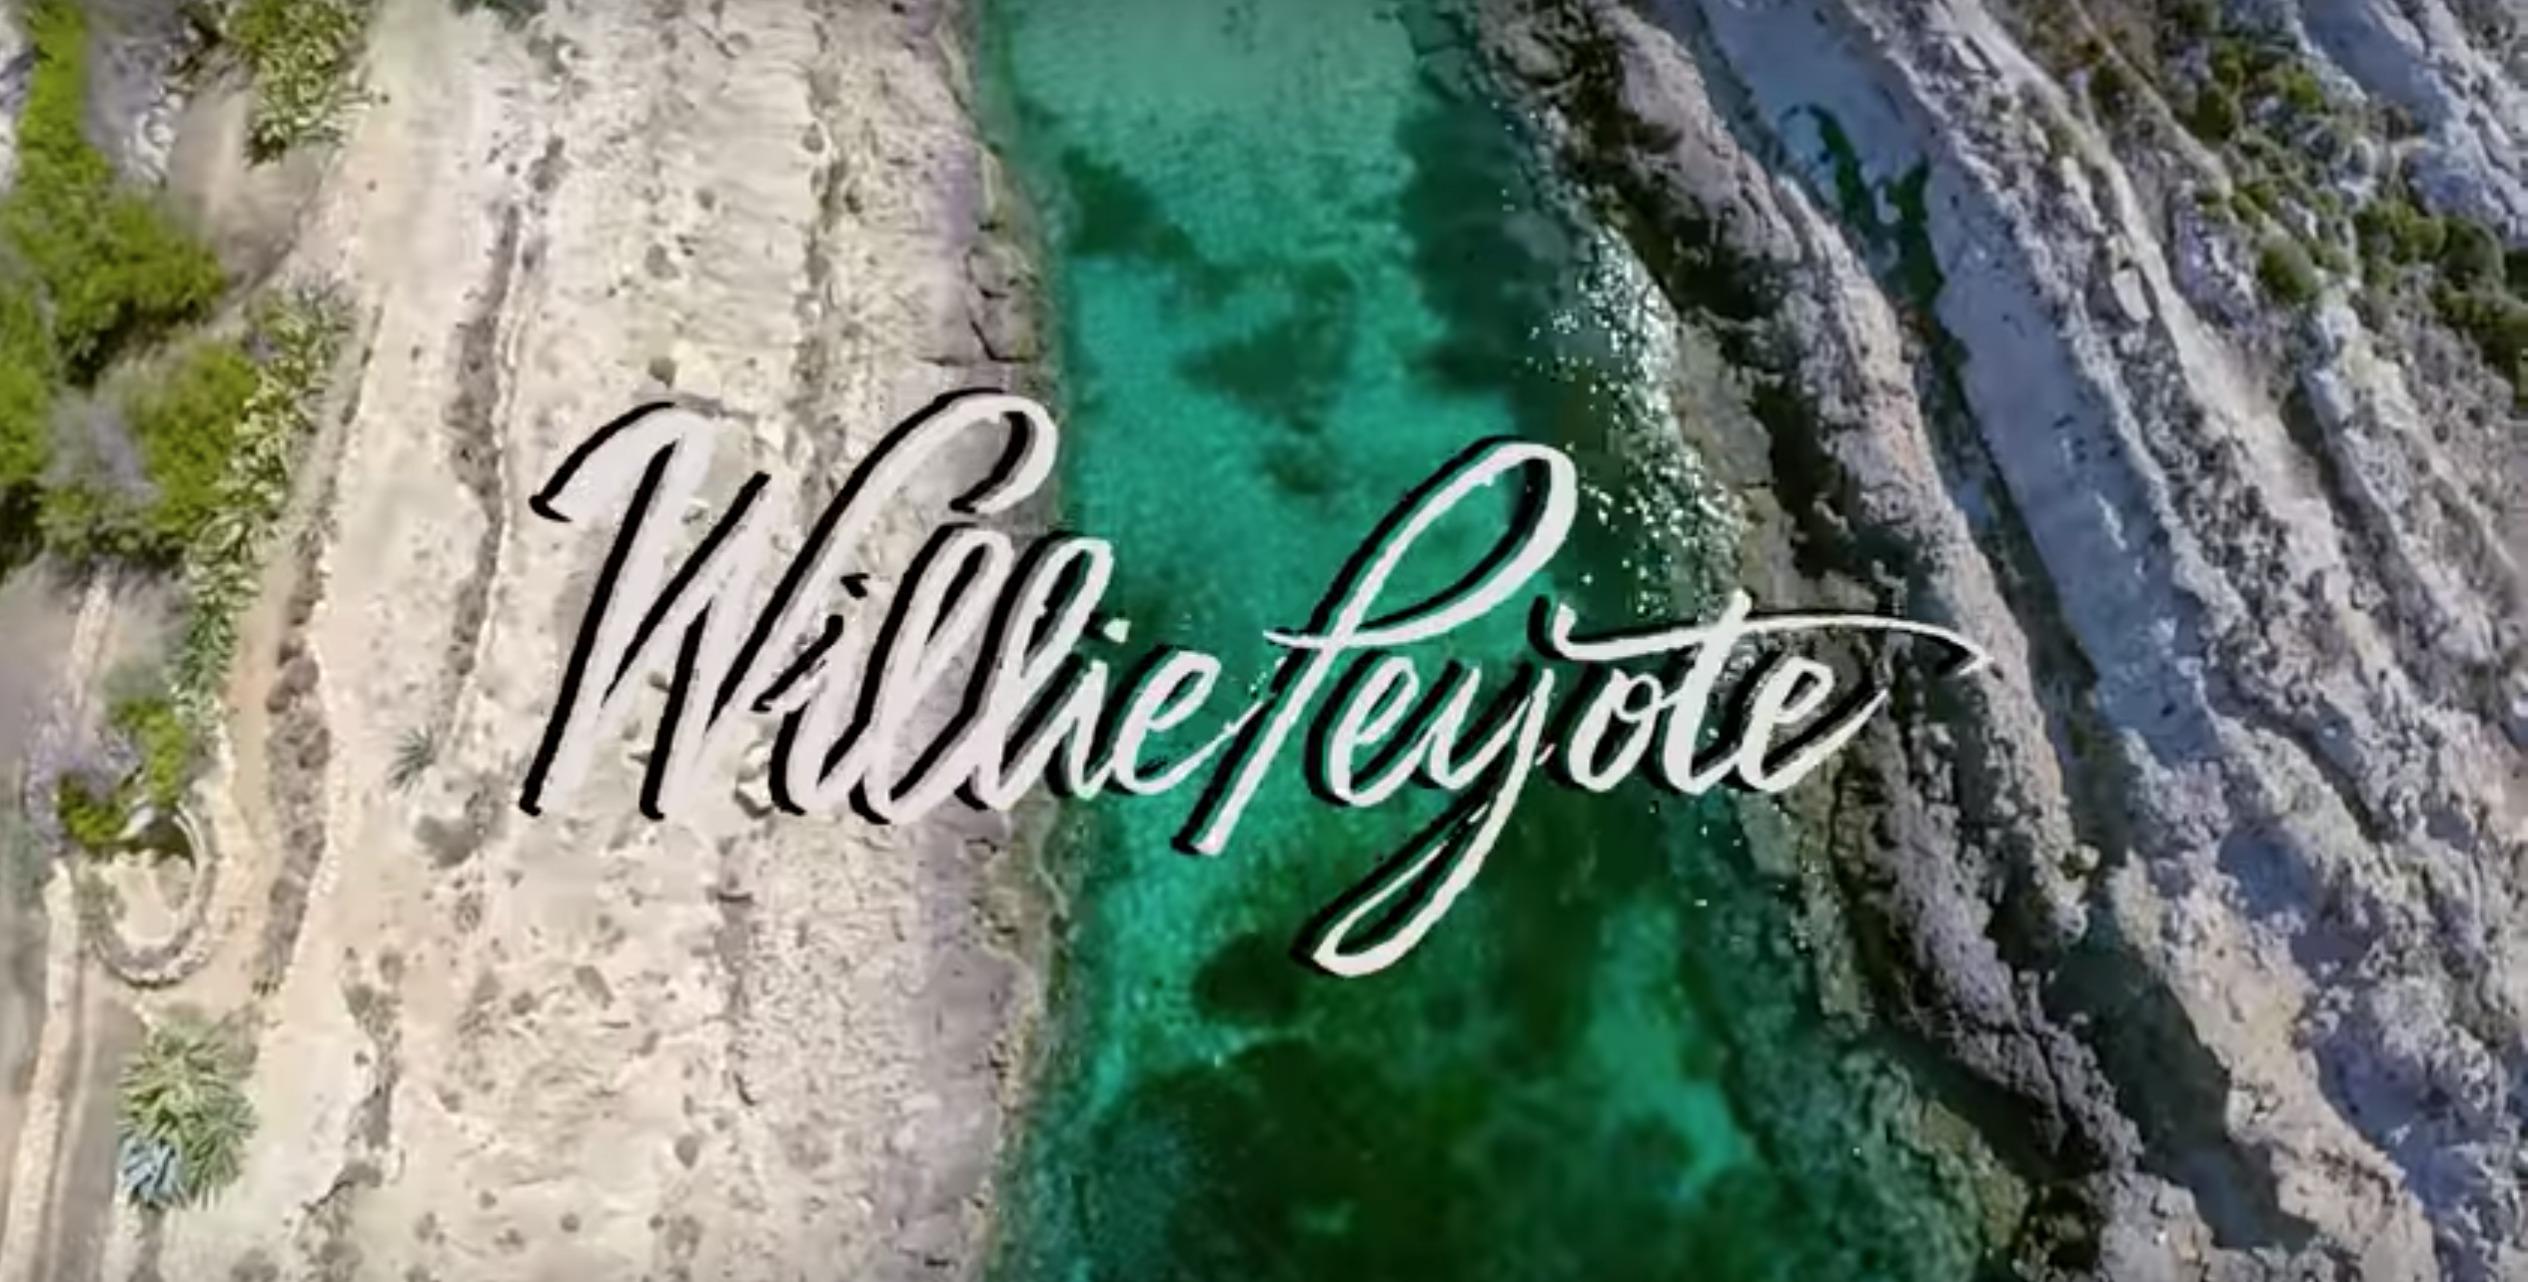 Willie Peyote, razzismo e fake news